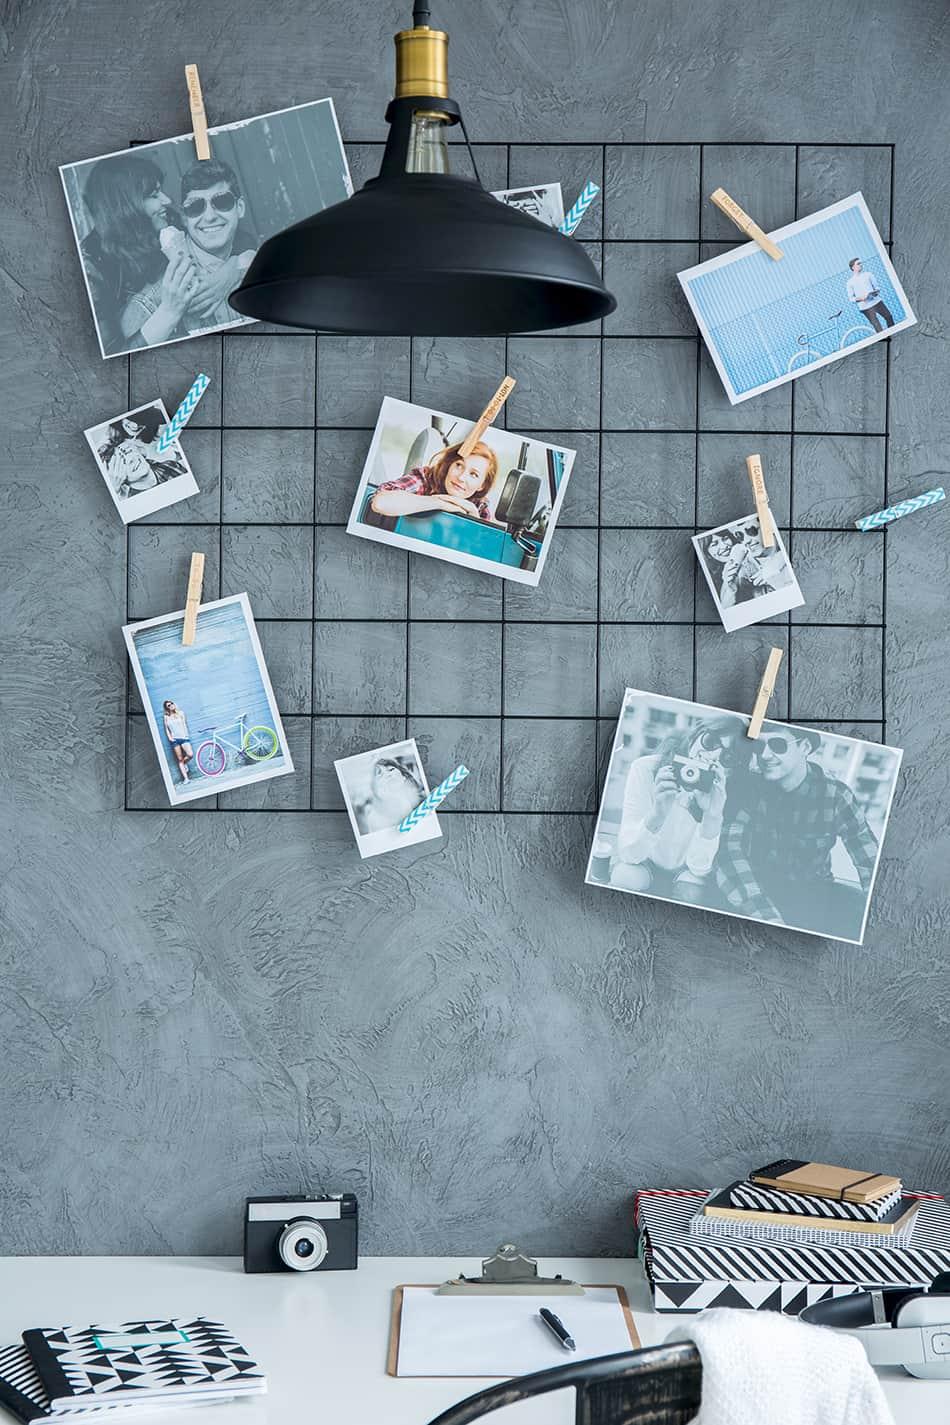 Peg a collection of printed photos